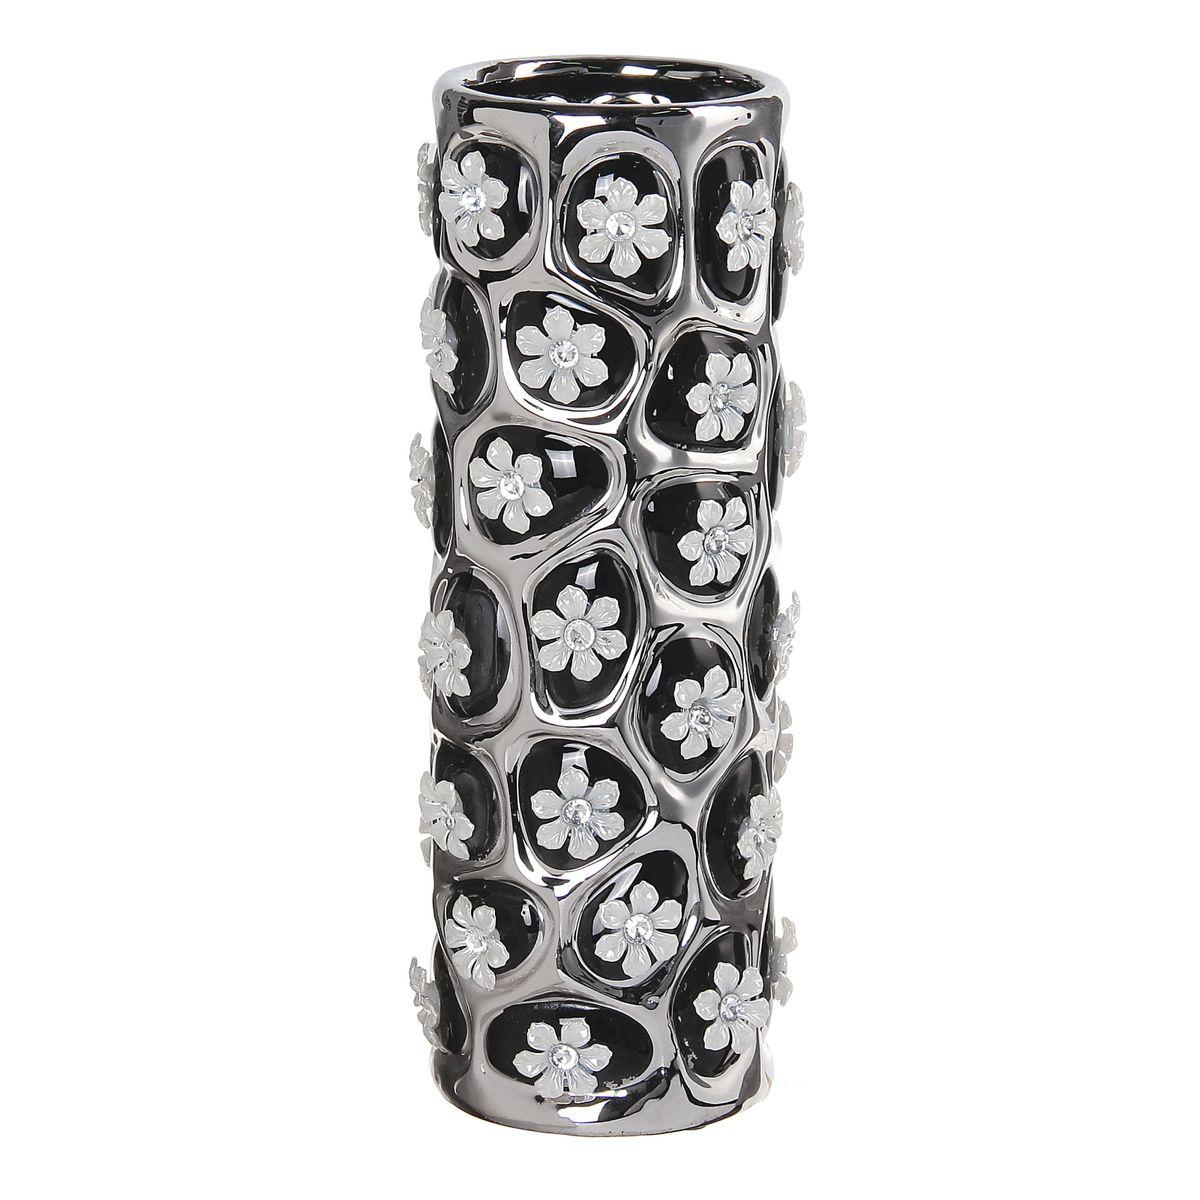 Ваза Цветочный орнамент, цвет: черный, белый, серебристый, 27 х 9 х 9 см. 866189866189Элегантная ваза Цветочный орнамент выполнена из высококачественной керамики. Изделие имеет рельефную поверхность, декорировано цветами. Оригинальный дизайн вазы придется по вкусу и ценителям классики, и тем, кто предпочитает утонченность и изящность. Вы можете поставить вазу в любом месте, где она будет удачно смотреться и радовать глаз. Такая ваза подойдет и для цветов, и для декора интерьера. Кроме того - это отличный вариант подарка для ваших близких и друзей.